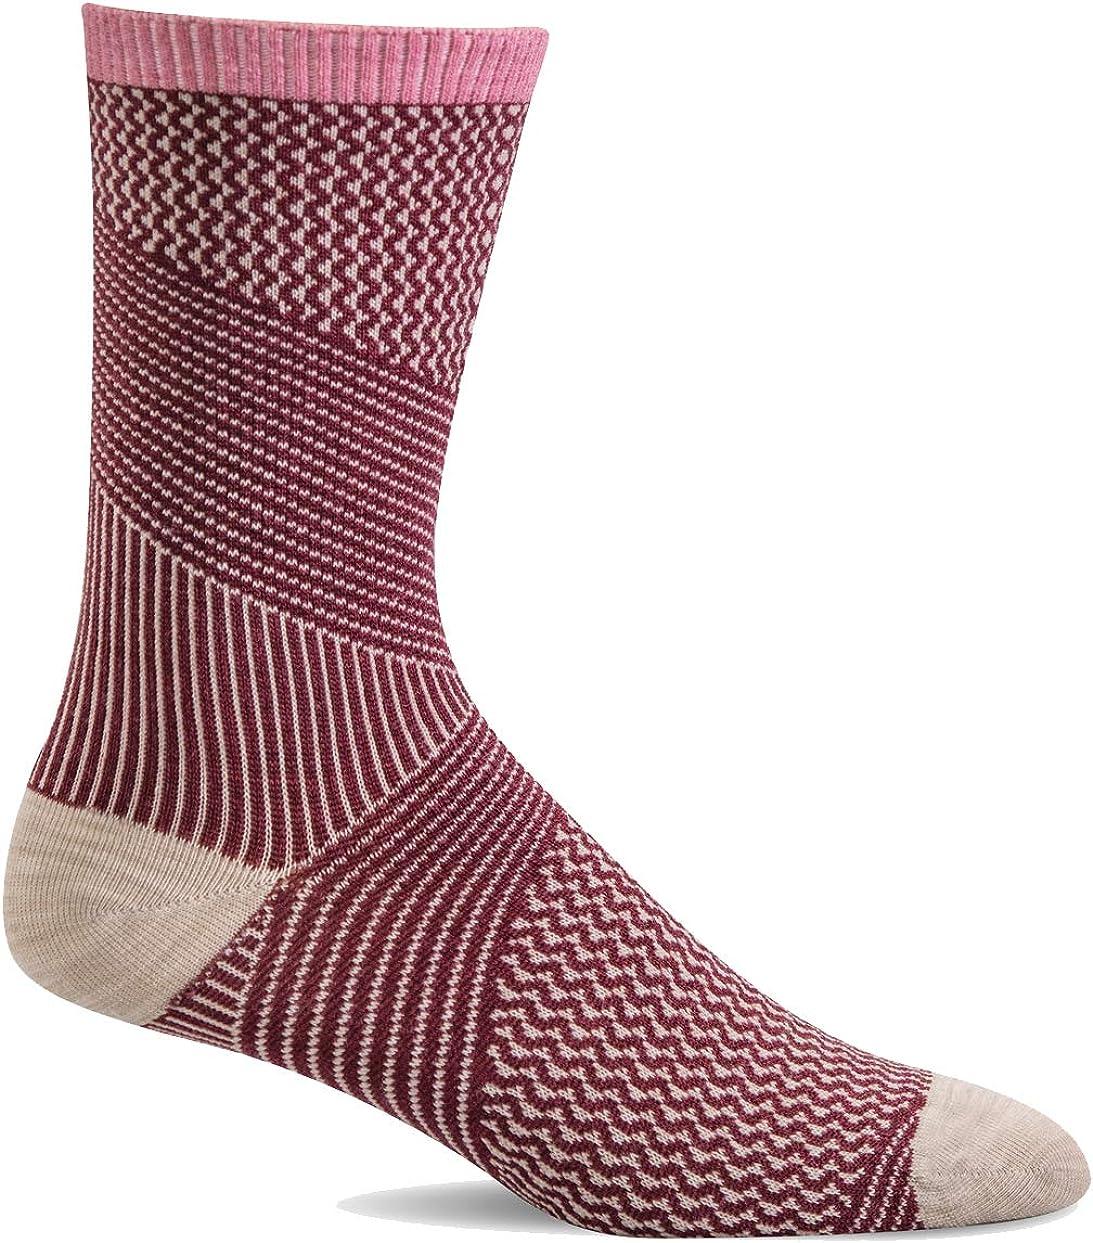 Sockwell Womens Its A Wrap Socks